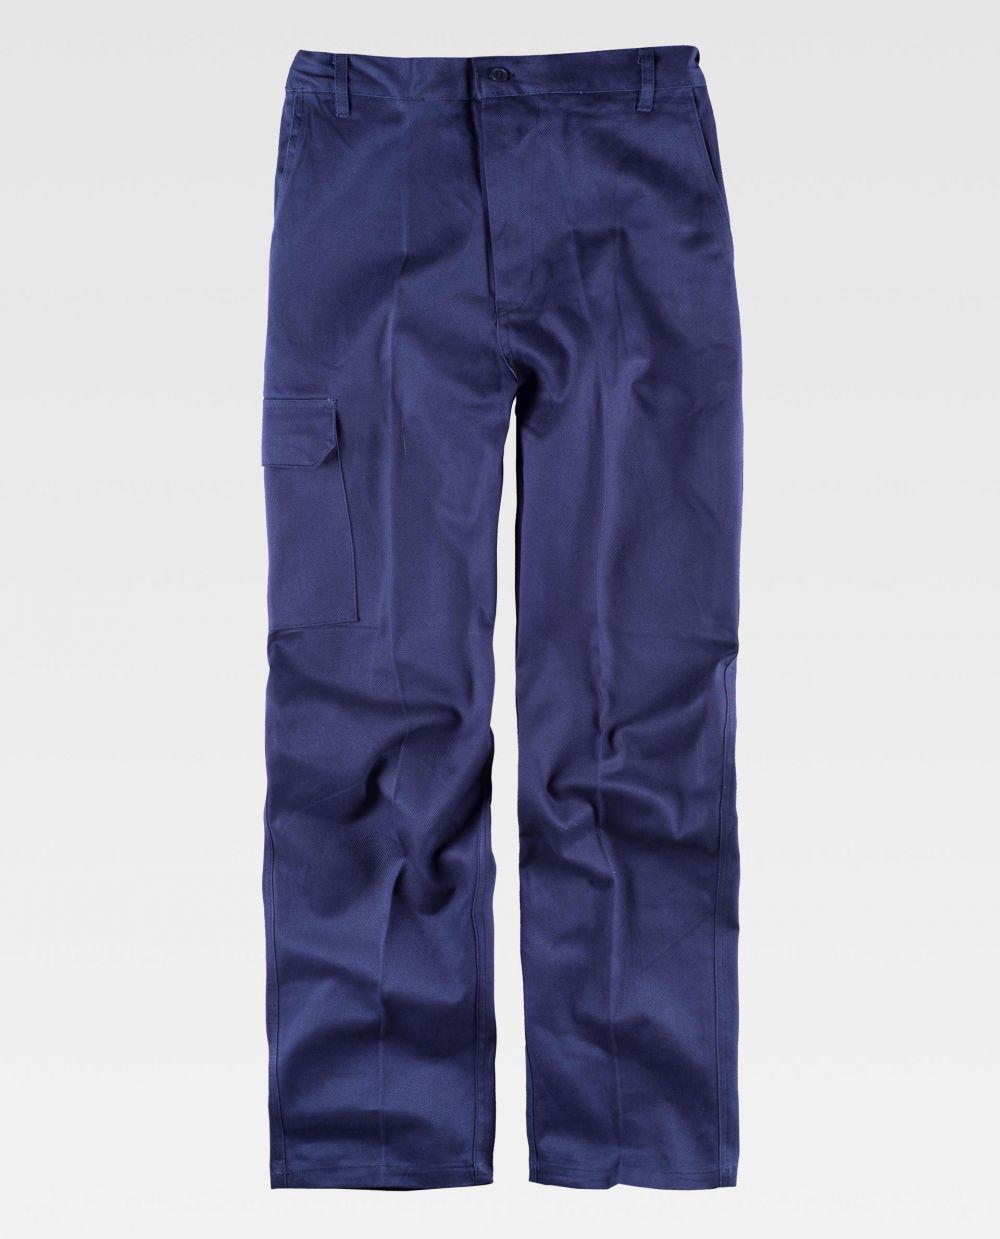 Pantalones de trabajo workteam b1457 de 100% algodón para personalizar vista 2